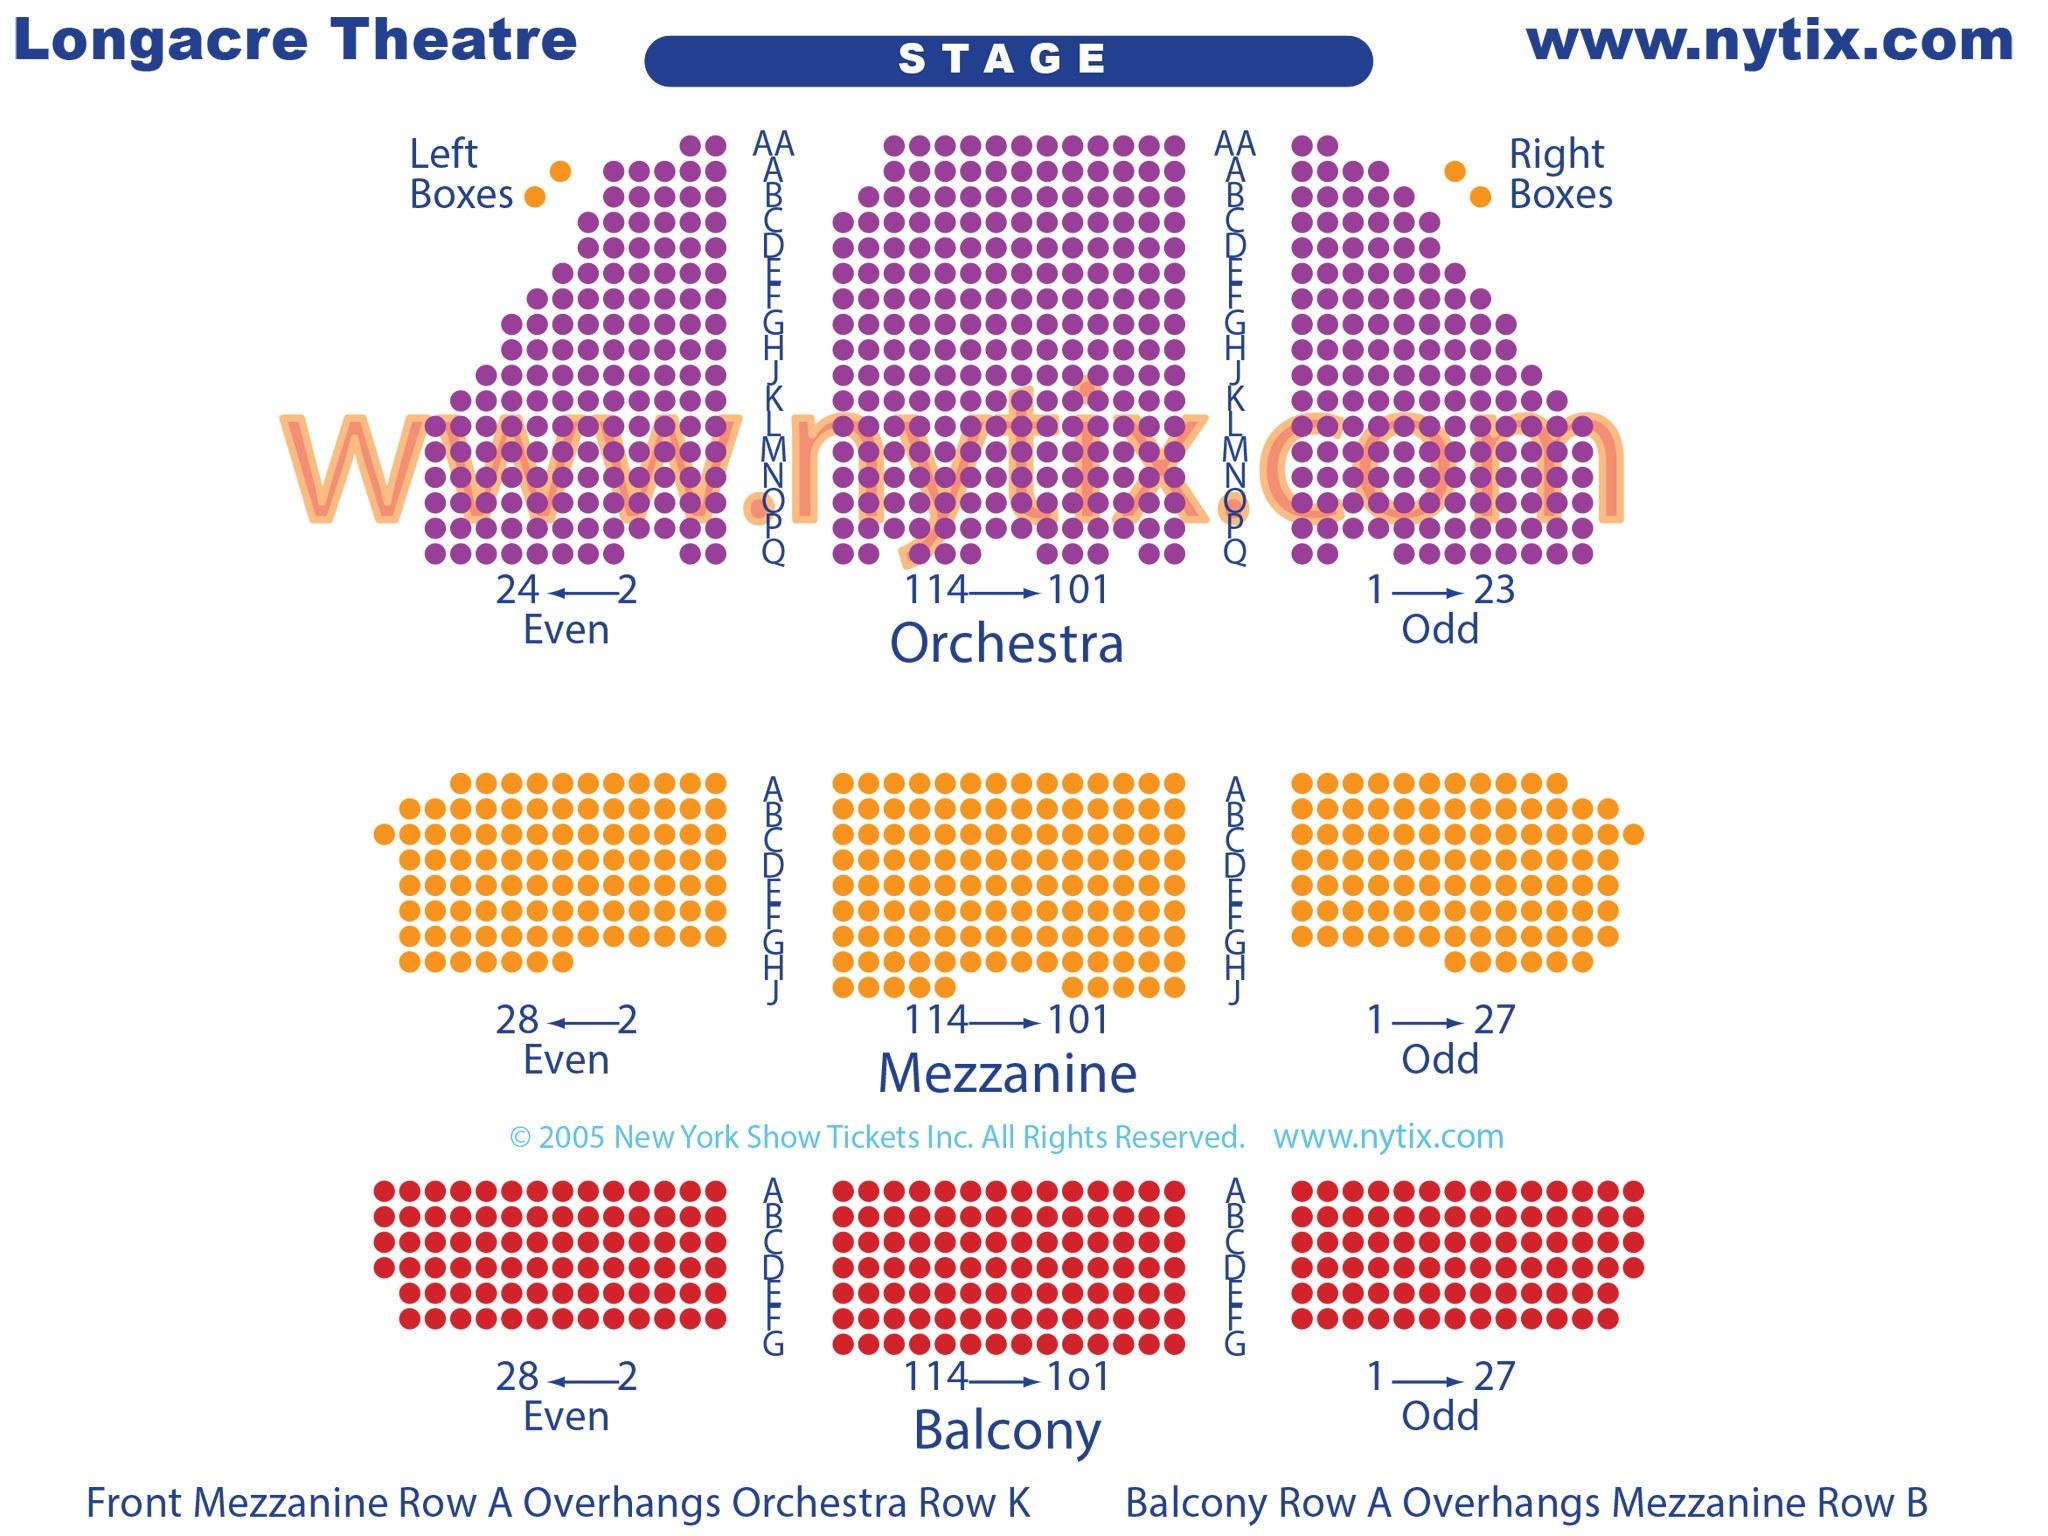 Broadway Longacre Seating Chart